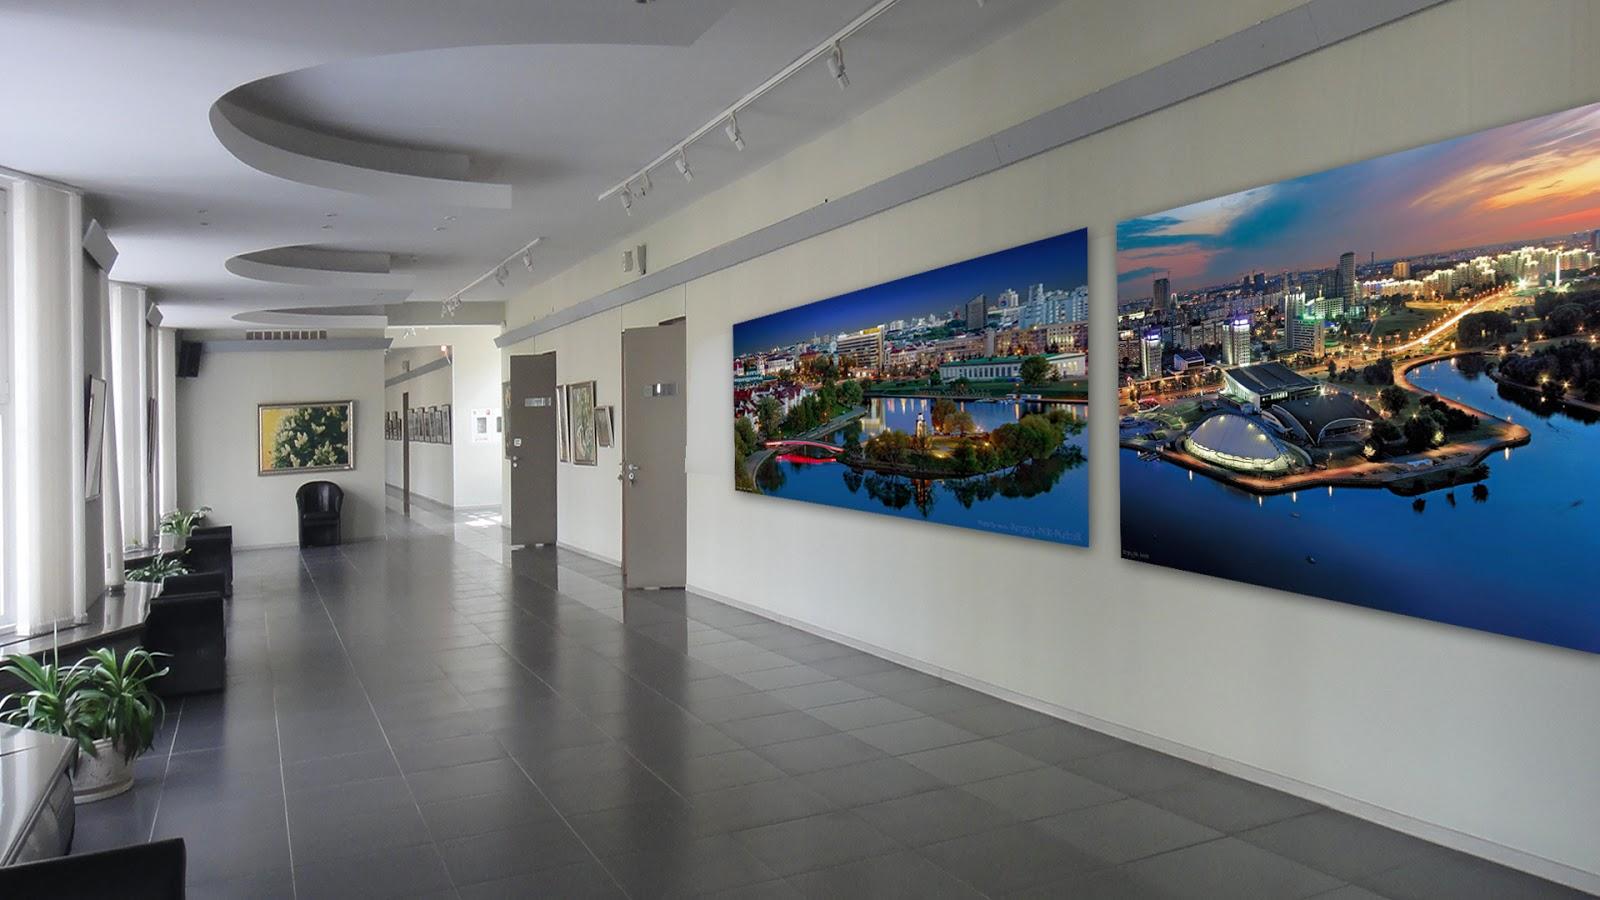 Фотогалерея лучших фотографий Минск